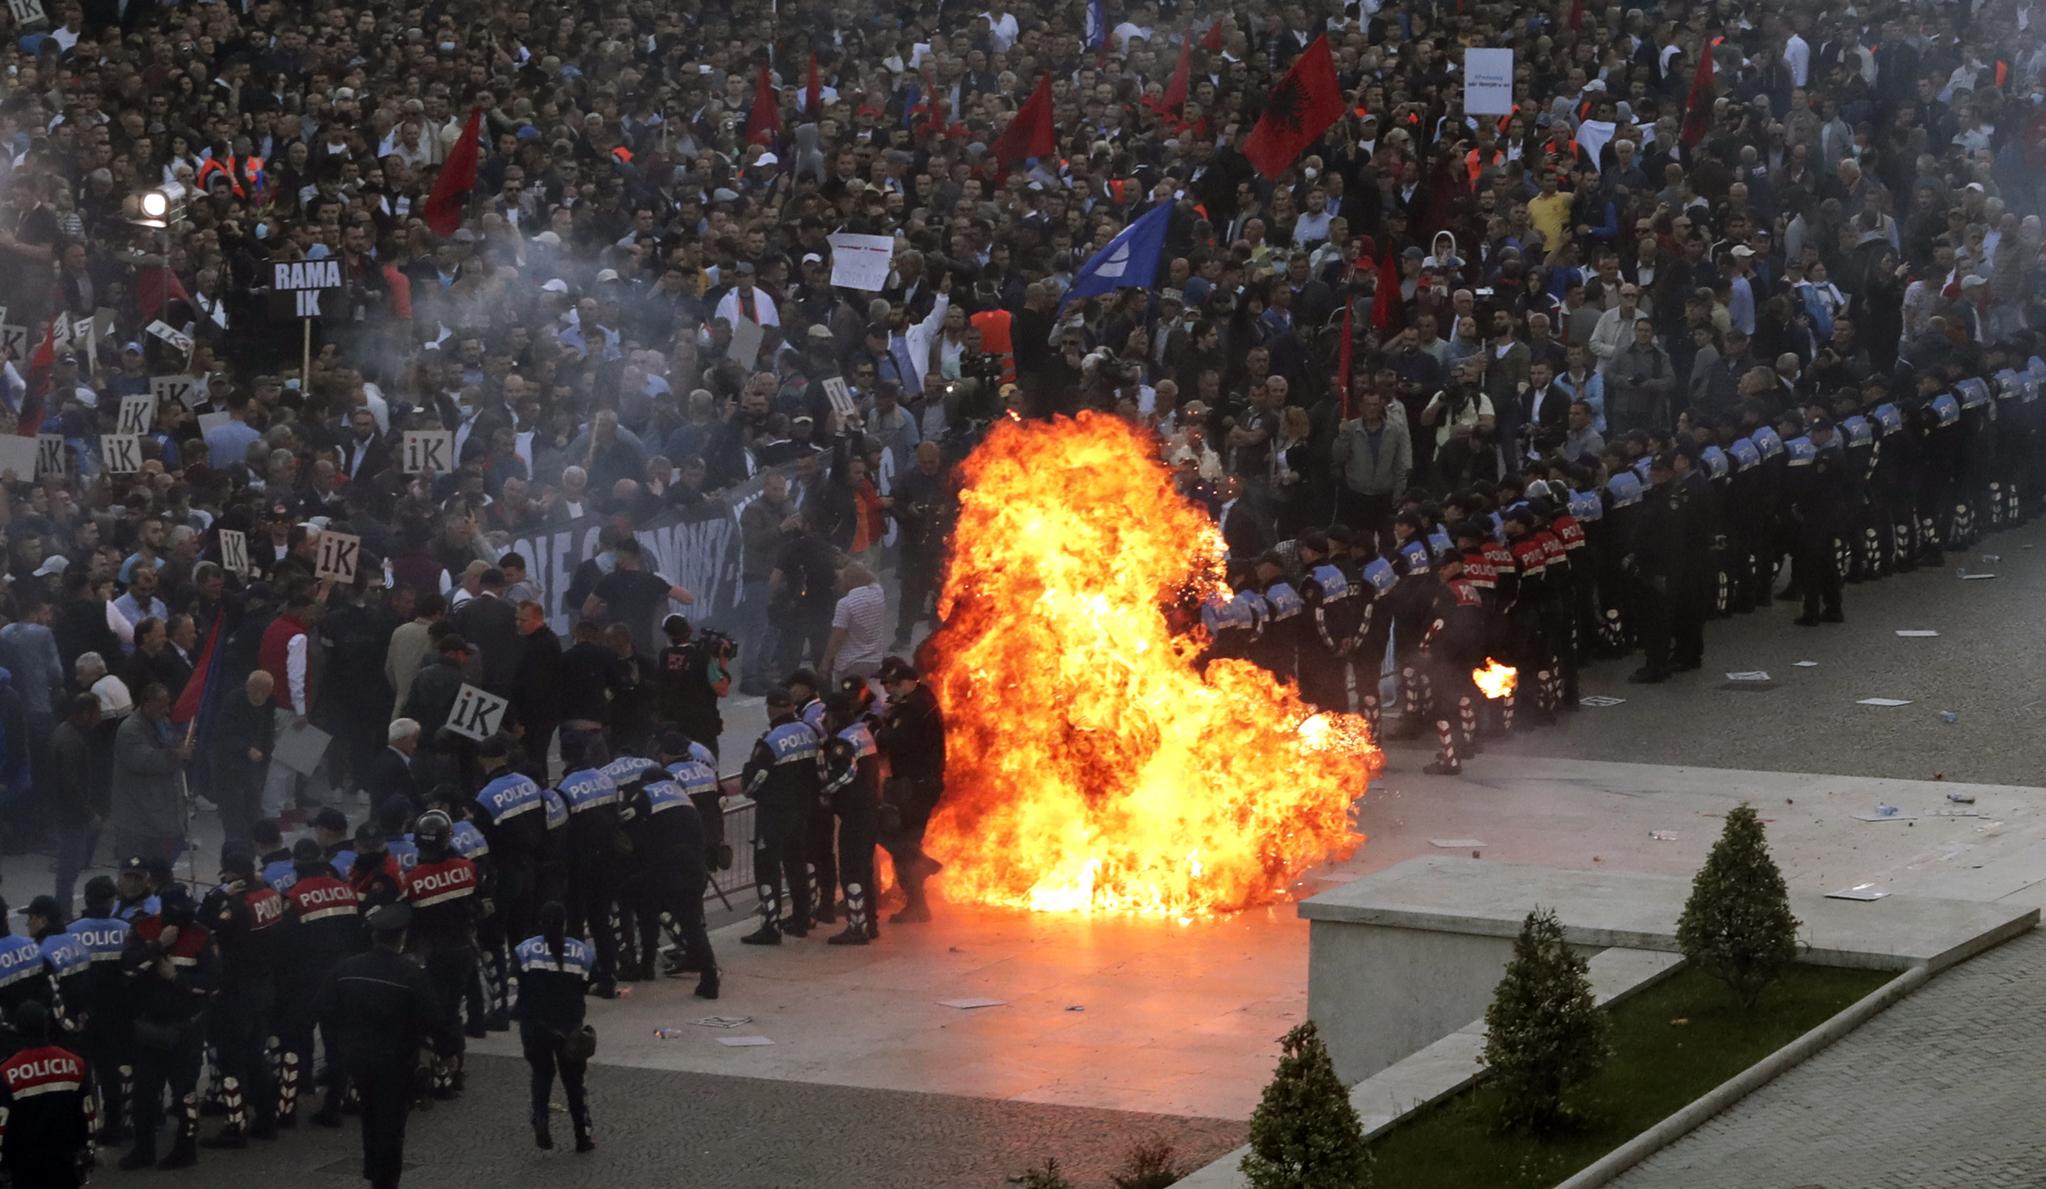 11일(현지시간) 반정부 시위대가 던진 휘발유 폭탄이 경찰들이 도열해 있는 저지선 한 가운데에서 폭발해 화염이 치솟고 있다. [AP=연합뉴스]